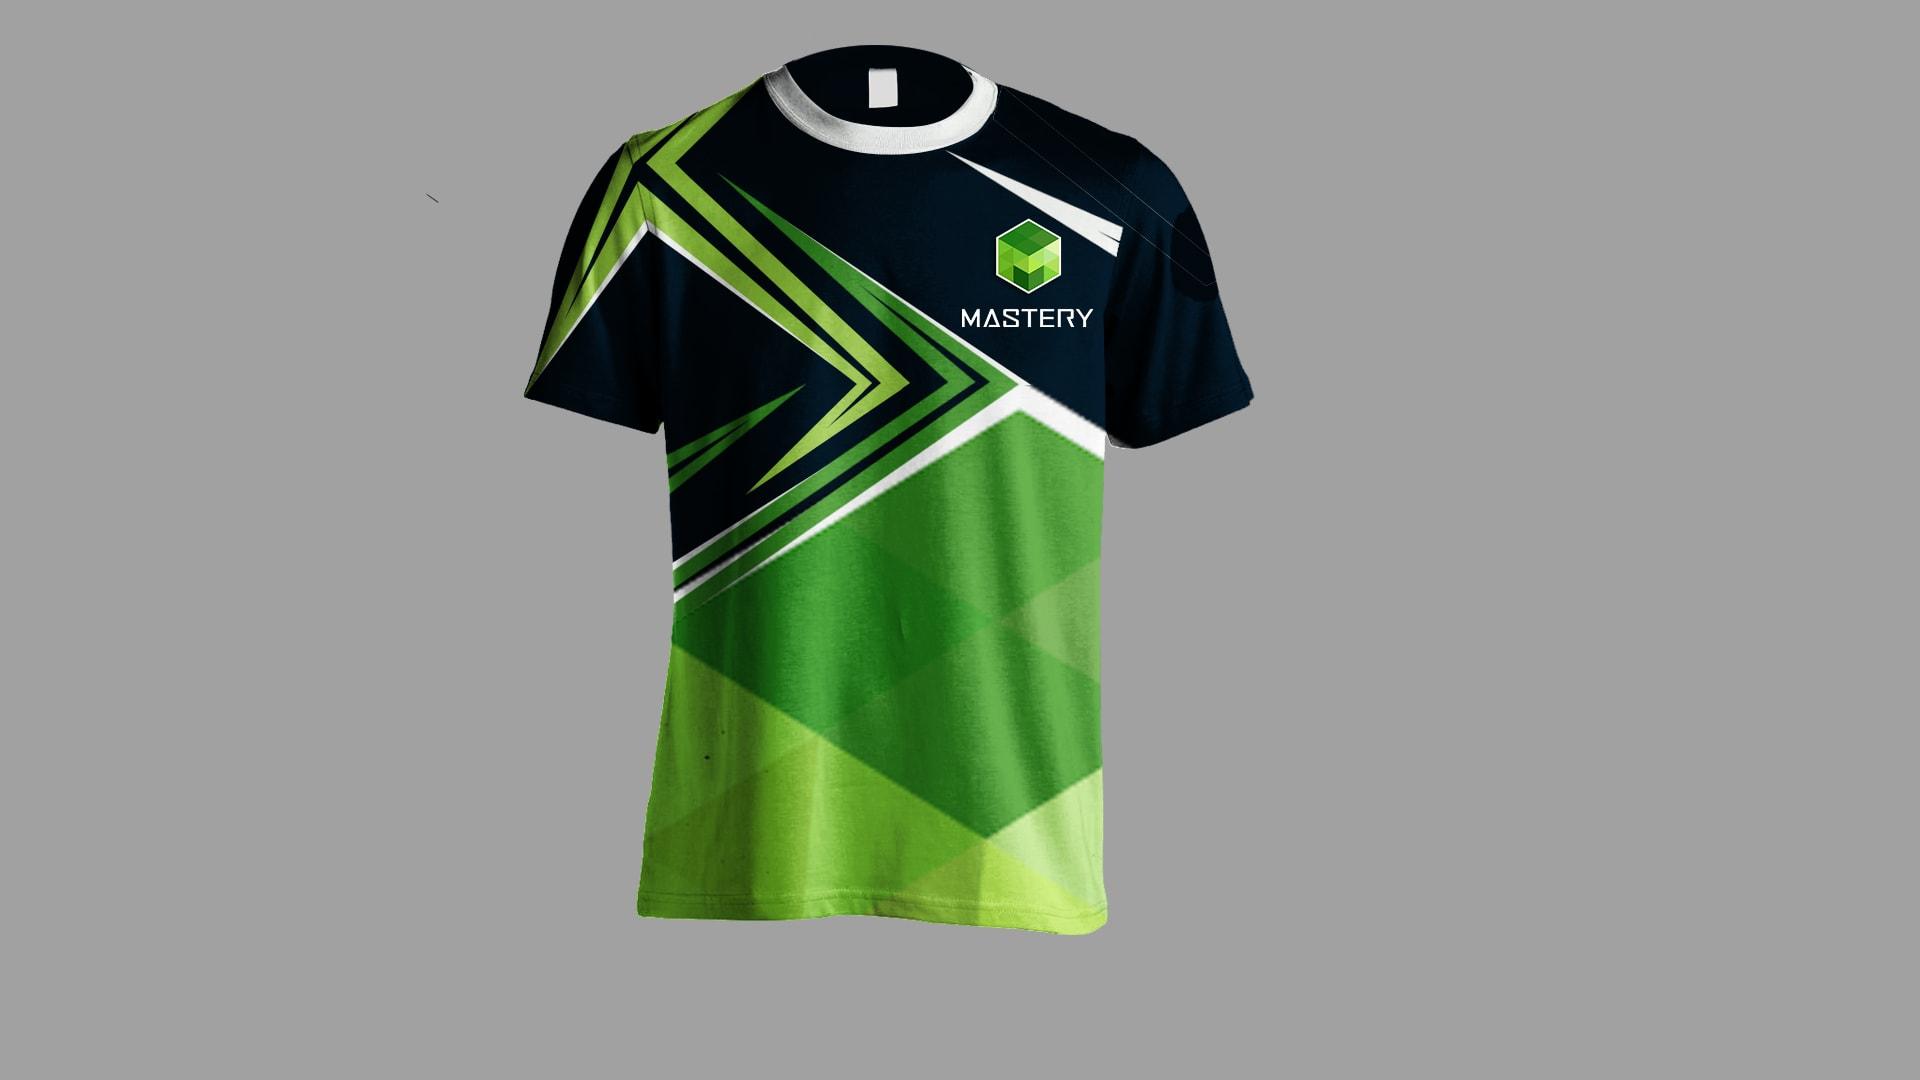 Design Custom Jersey Shirt Or Bike Jersey For You By Ndarajatun